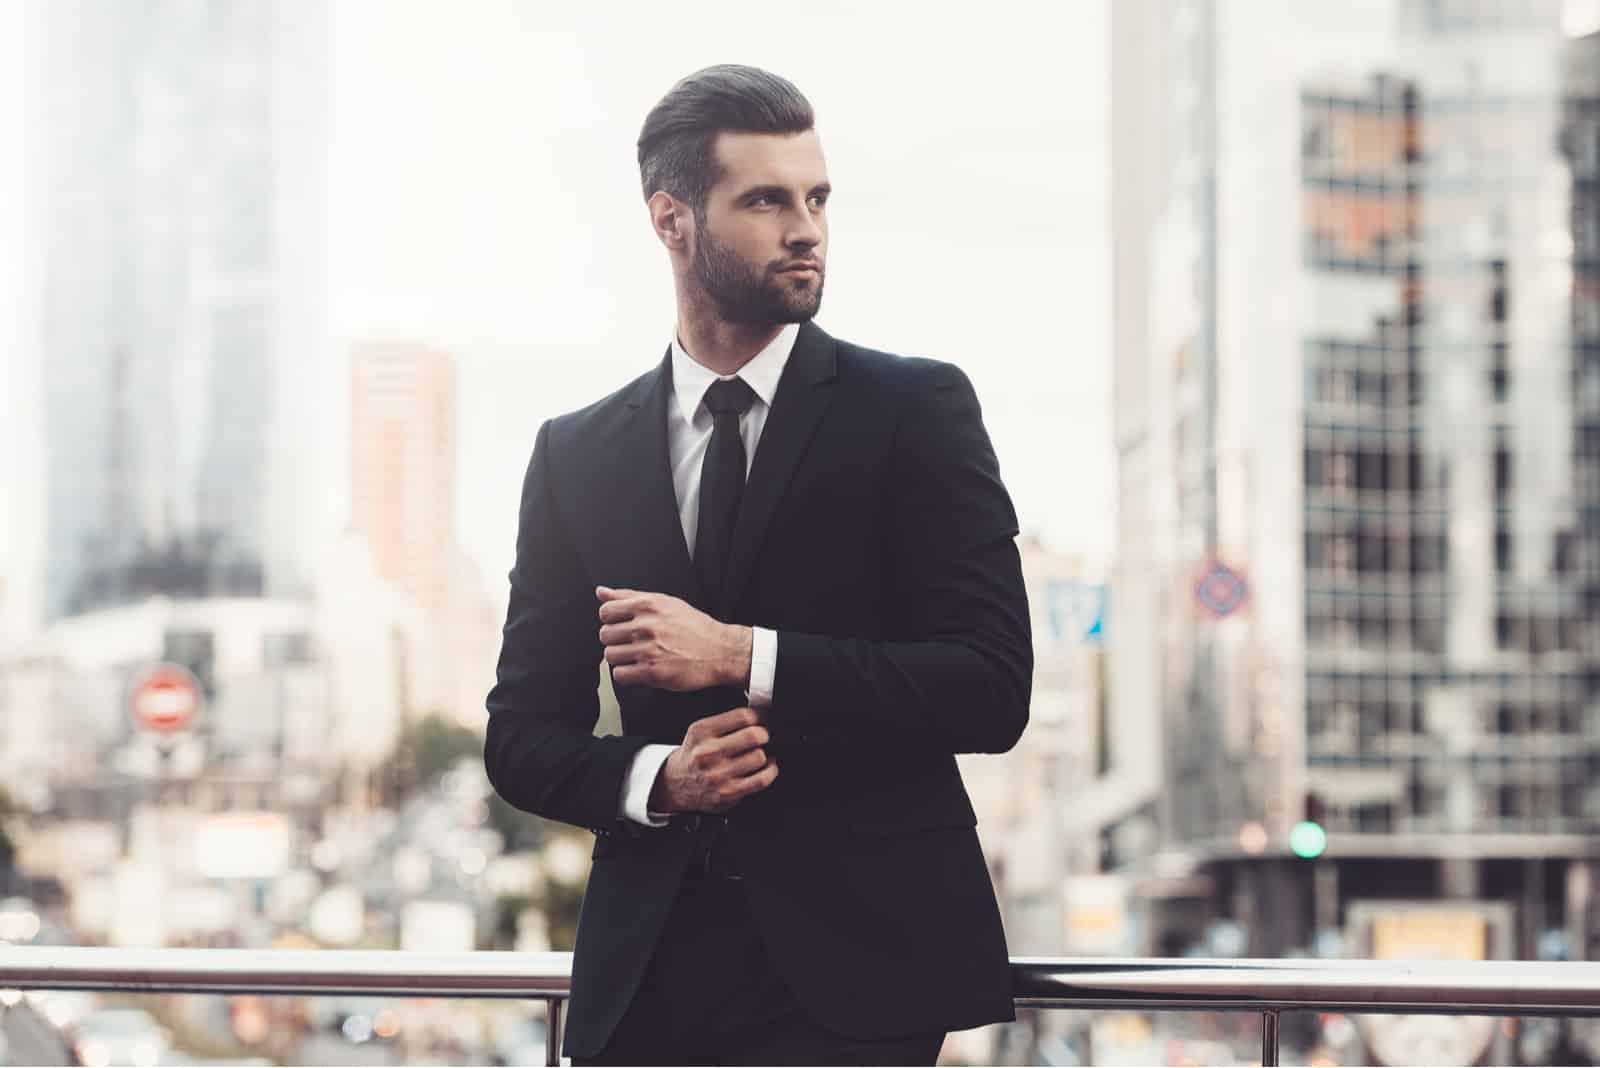 Selbstbewusster junger Mann im vollen Anzug